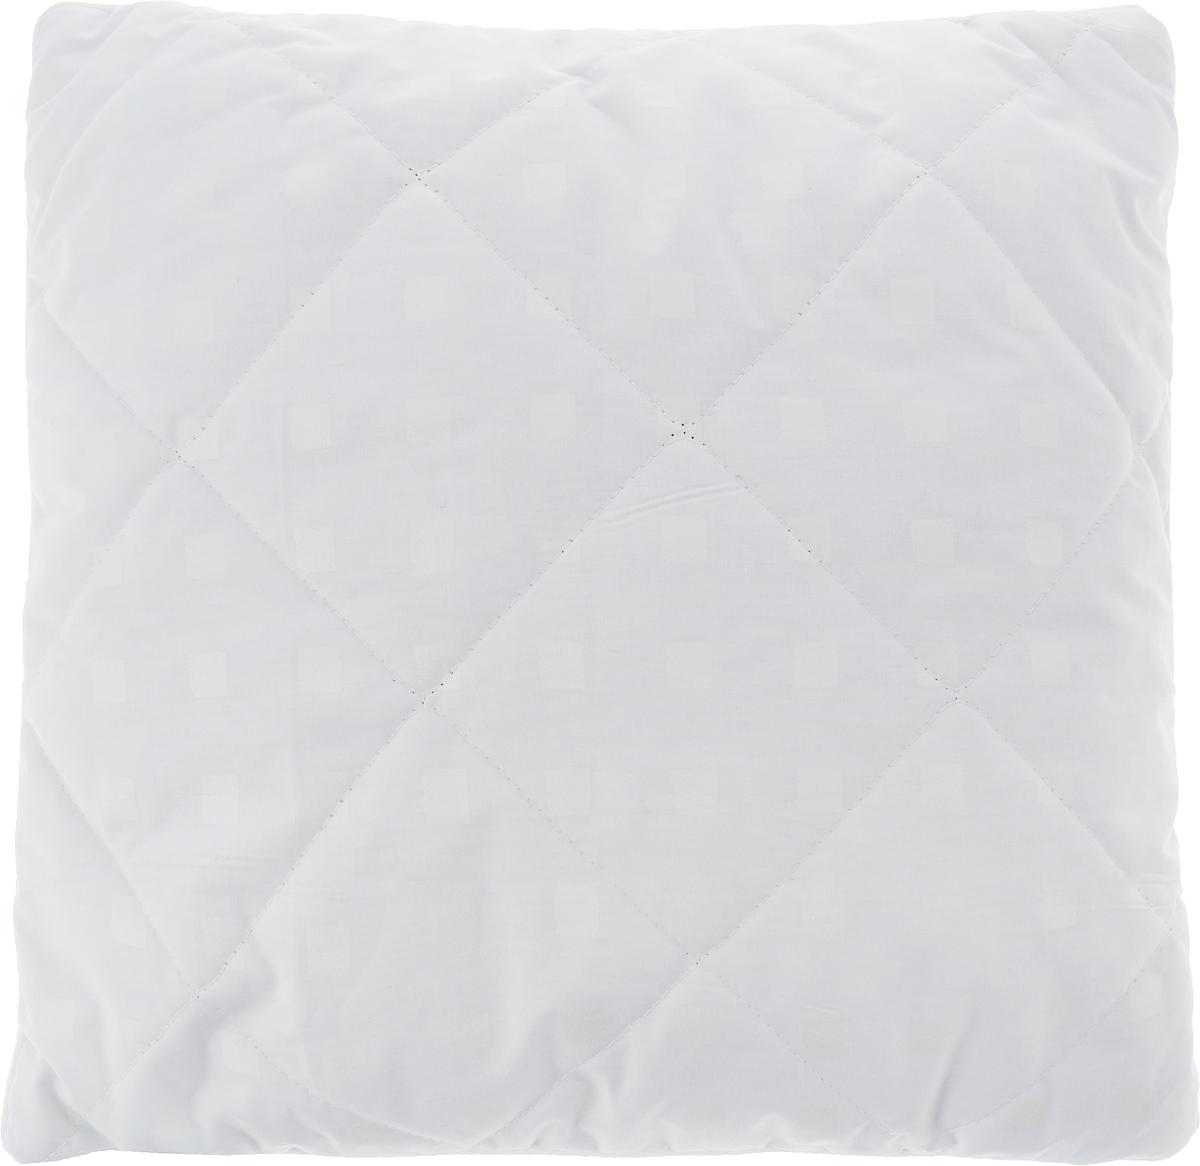 Подушка Bio-Teхtiles Очарование, наполнитель: искусственный лебяжий пух, цвет: белый, 40 х 40 смSPC576